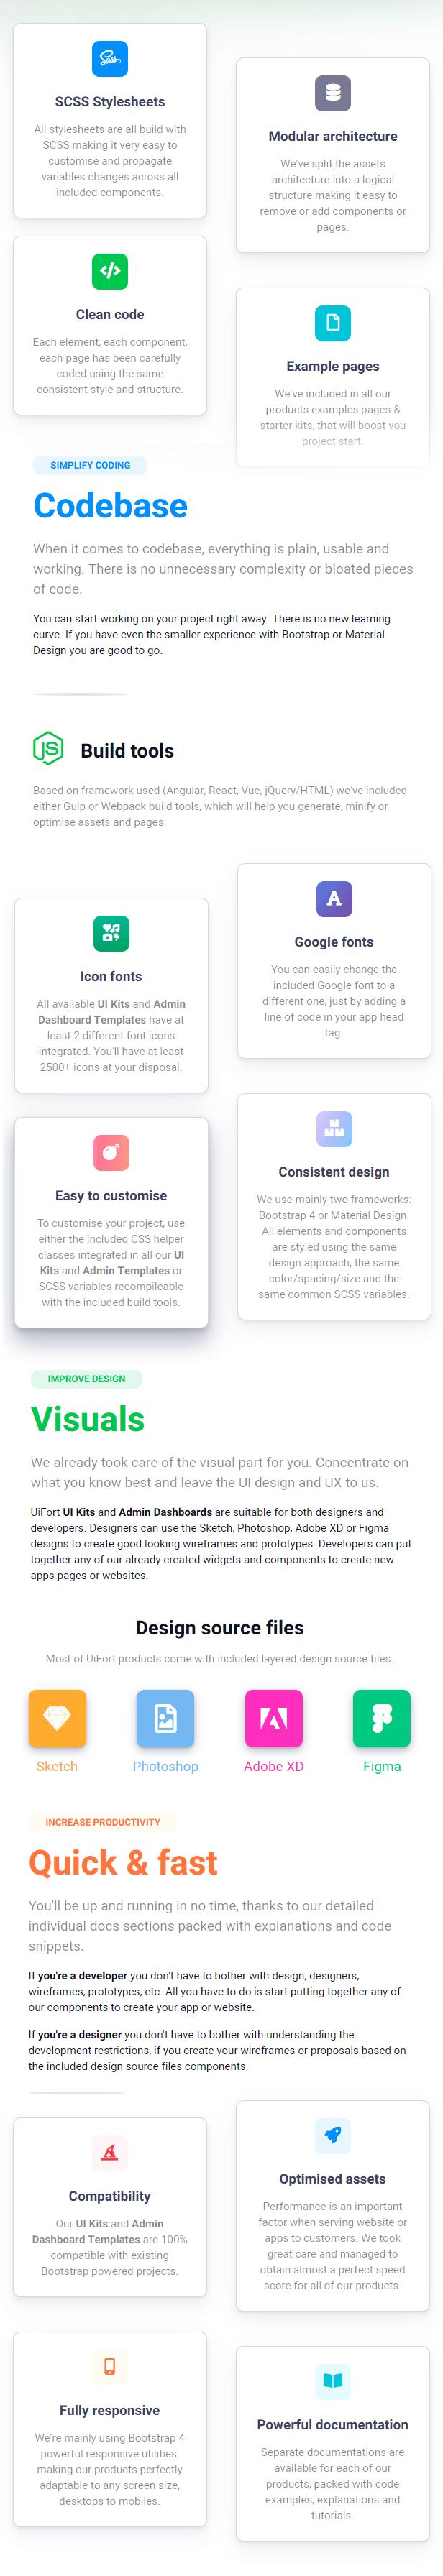 Bamburgh - Bootstrap Admin Dashboard Template - 3